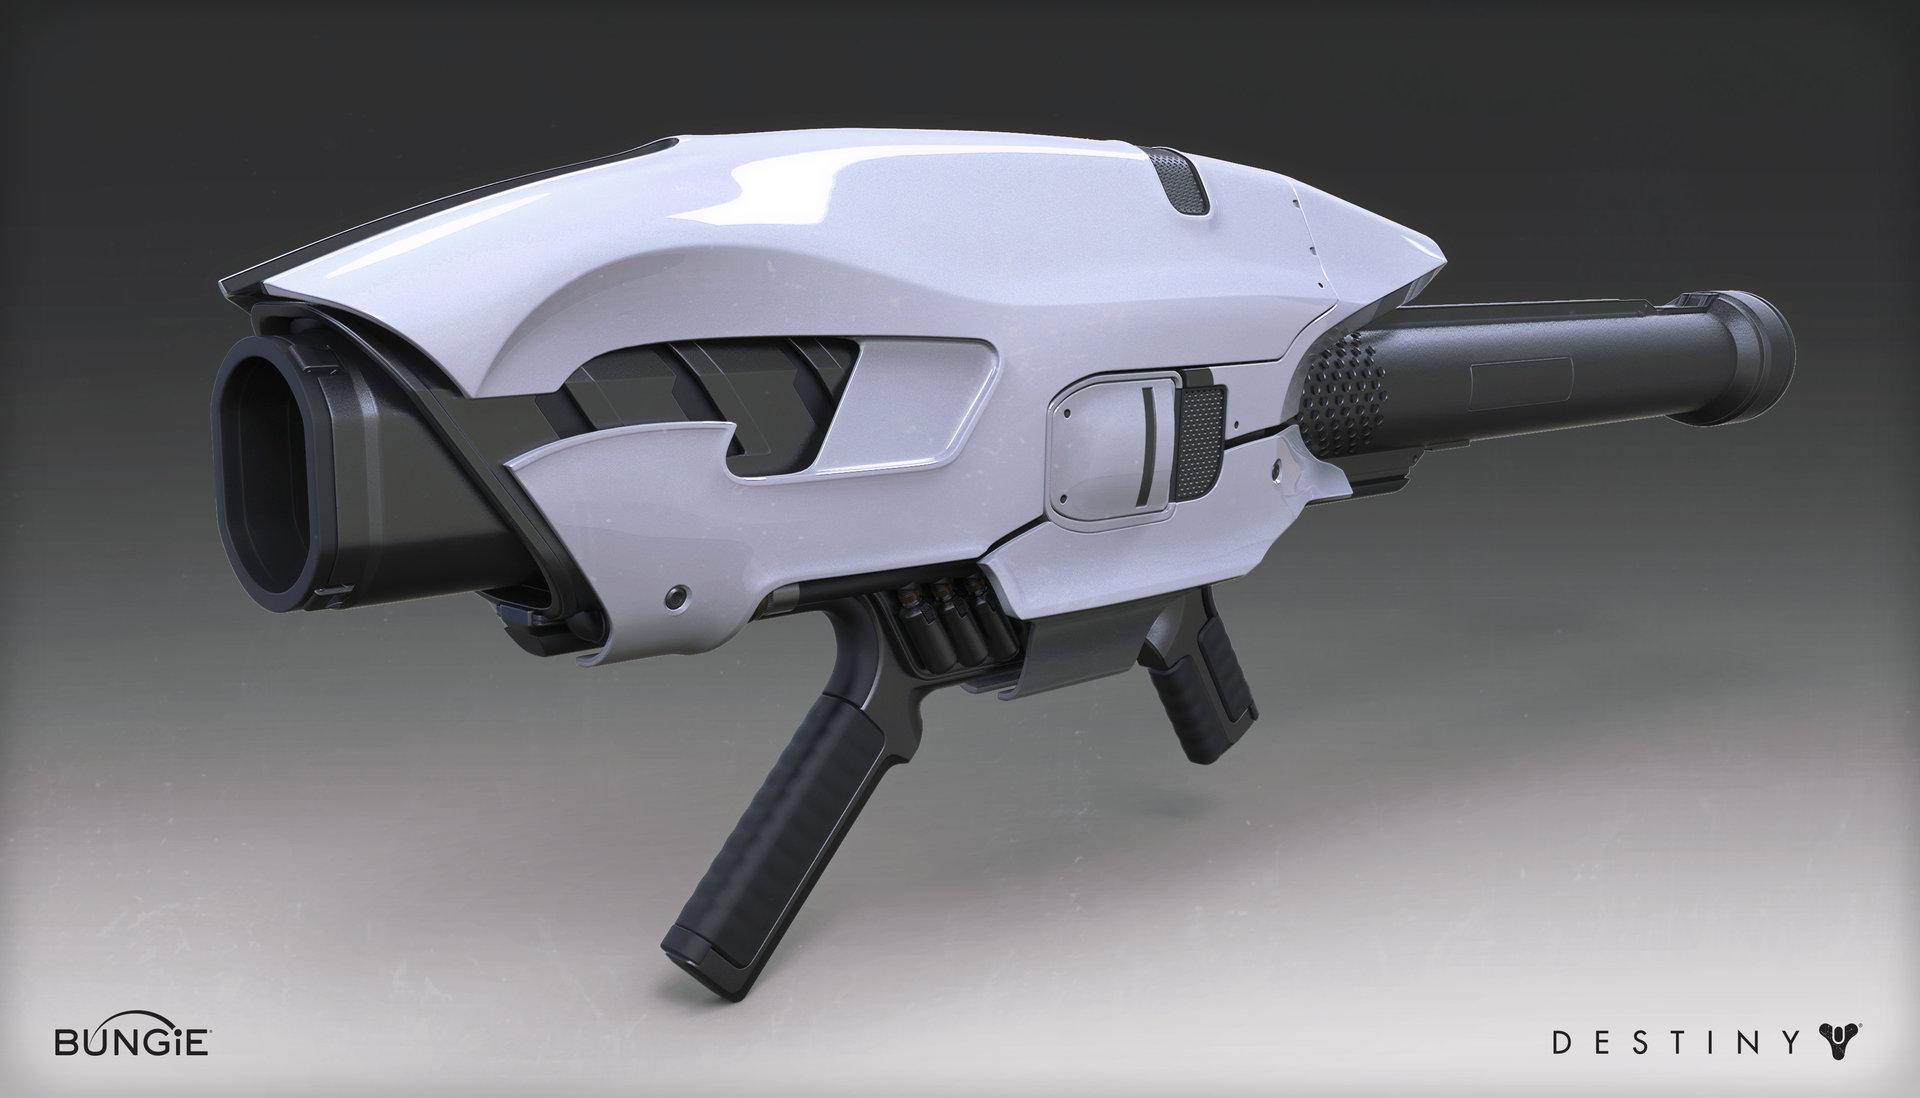 Destiny: Neues Artwork von Waffen, Schiffen, Hämmern für König der Besessenen